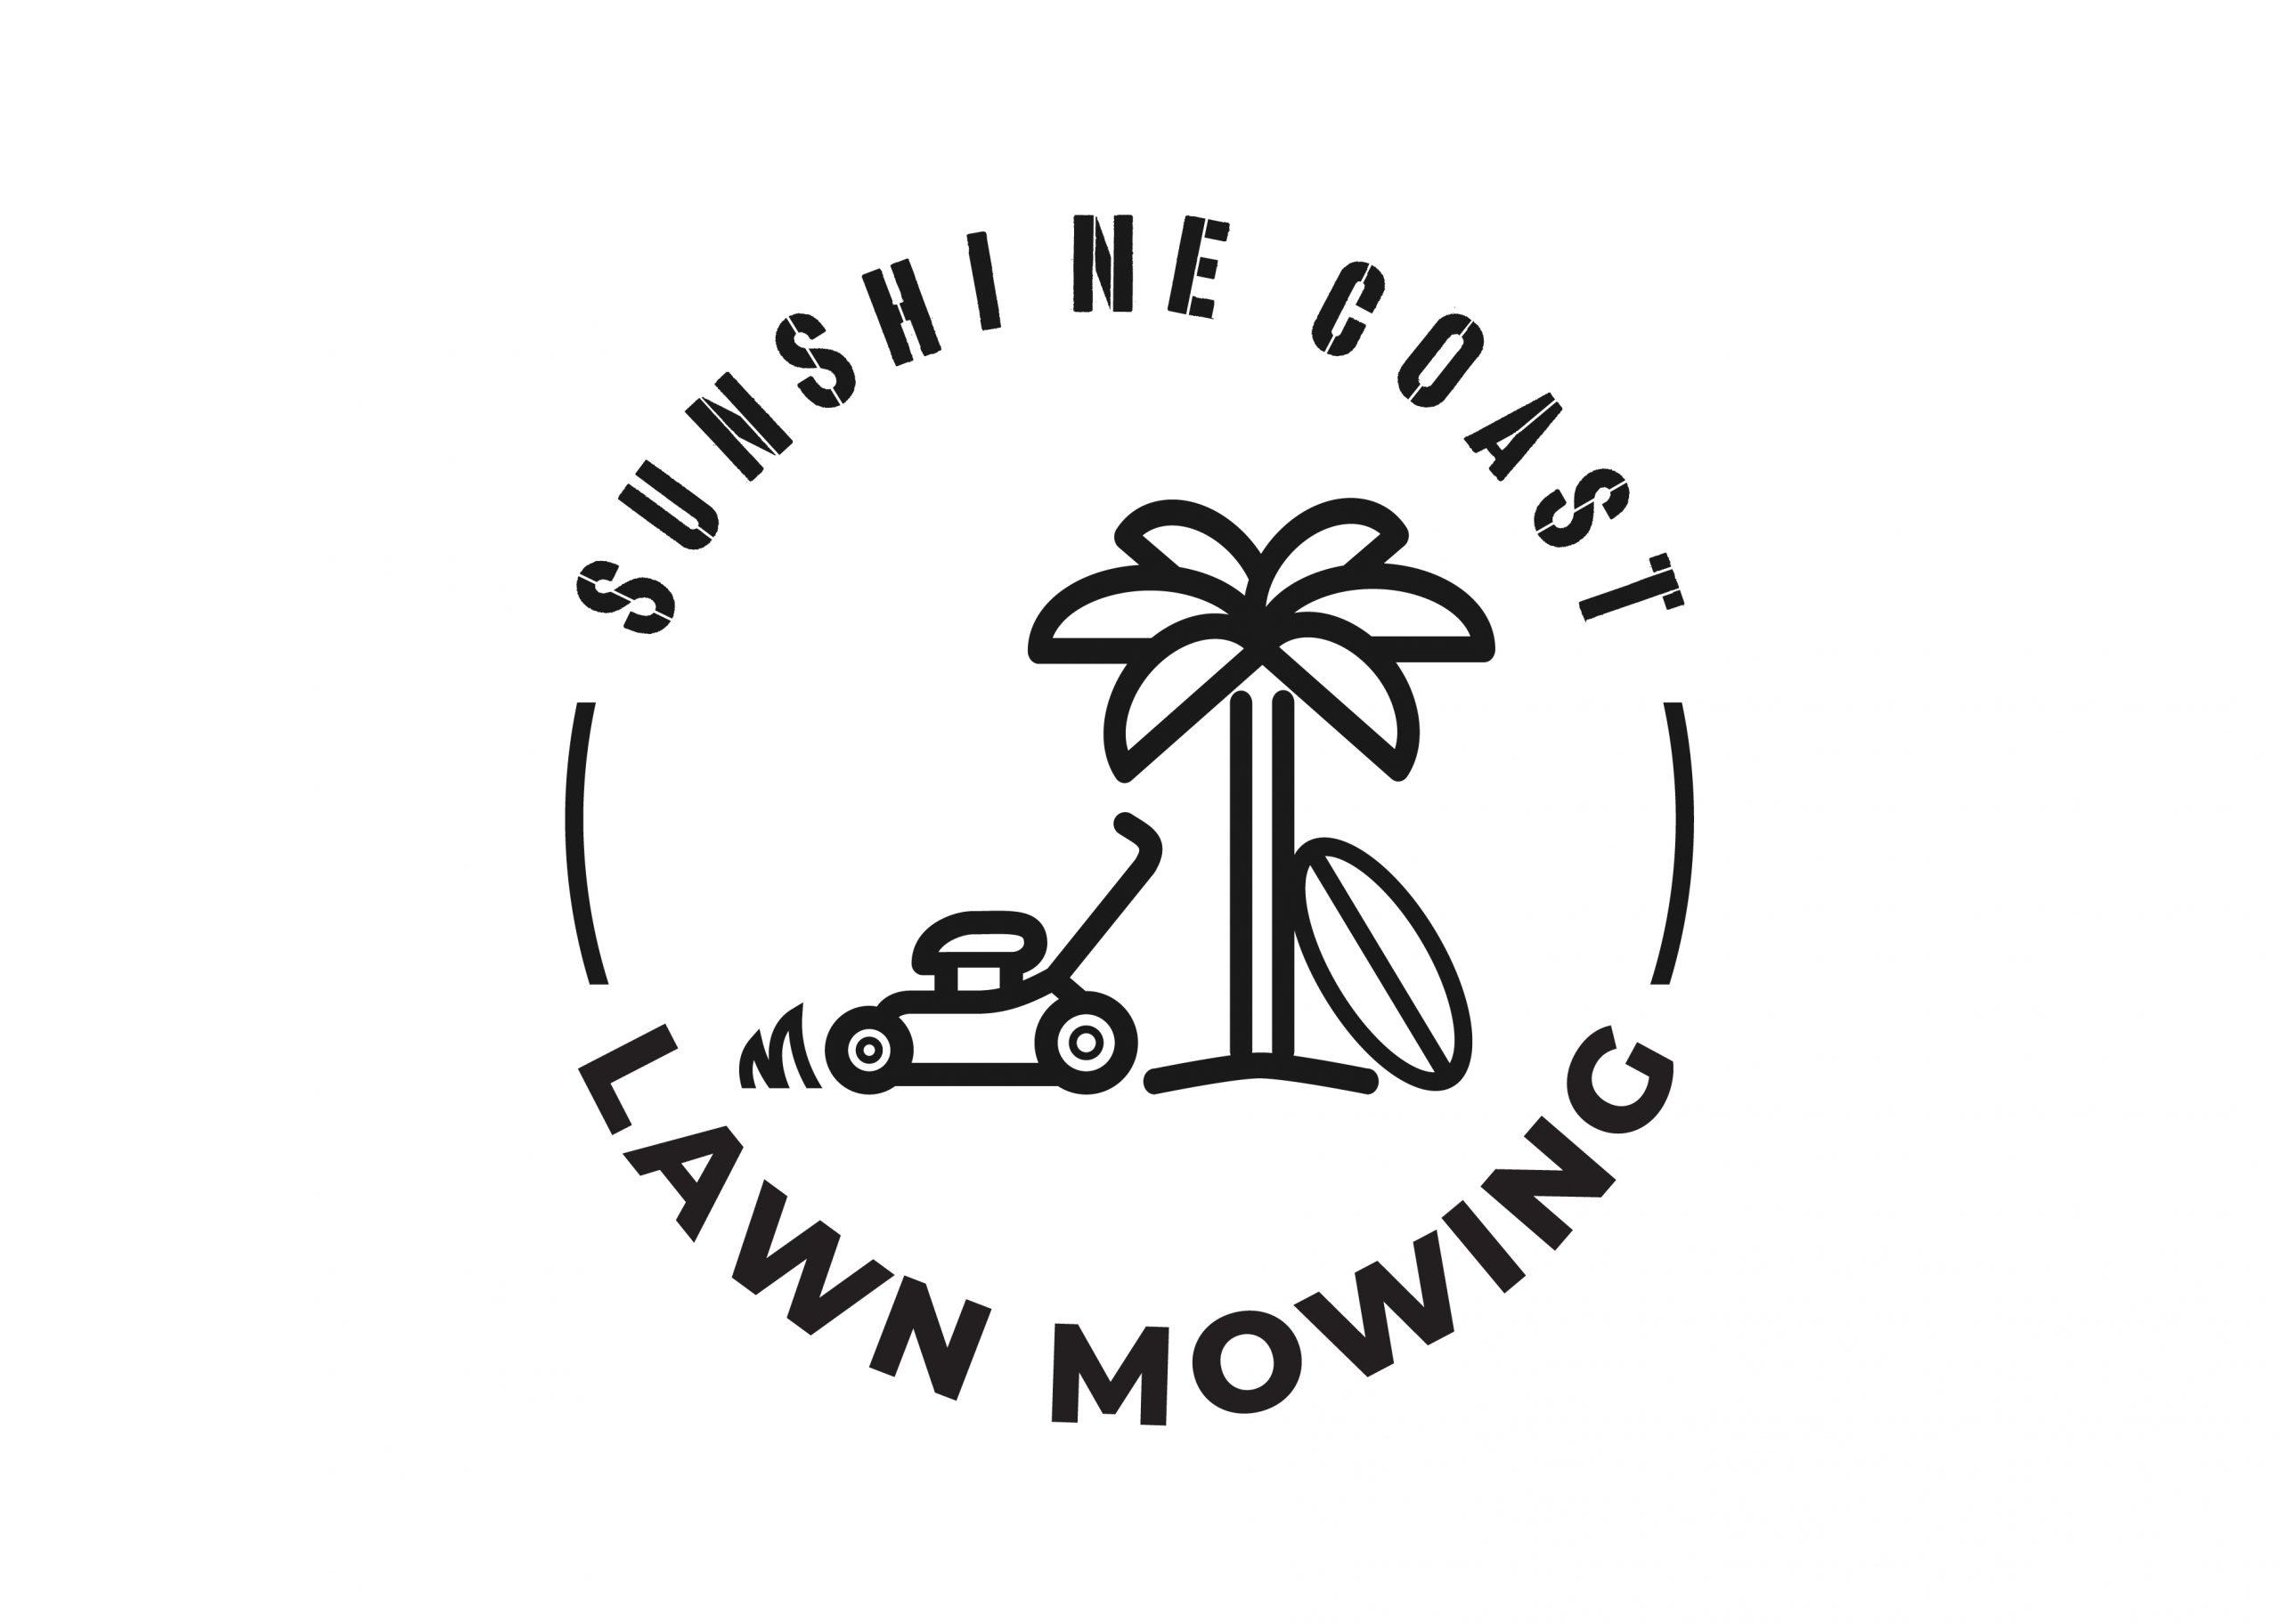 Bribie Island Lawn Mowing Services Logo Design